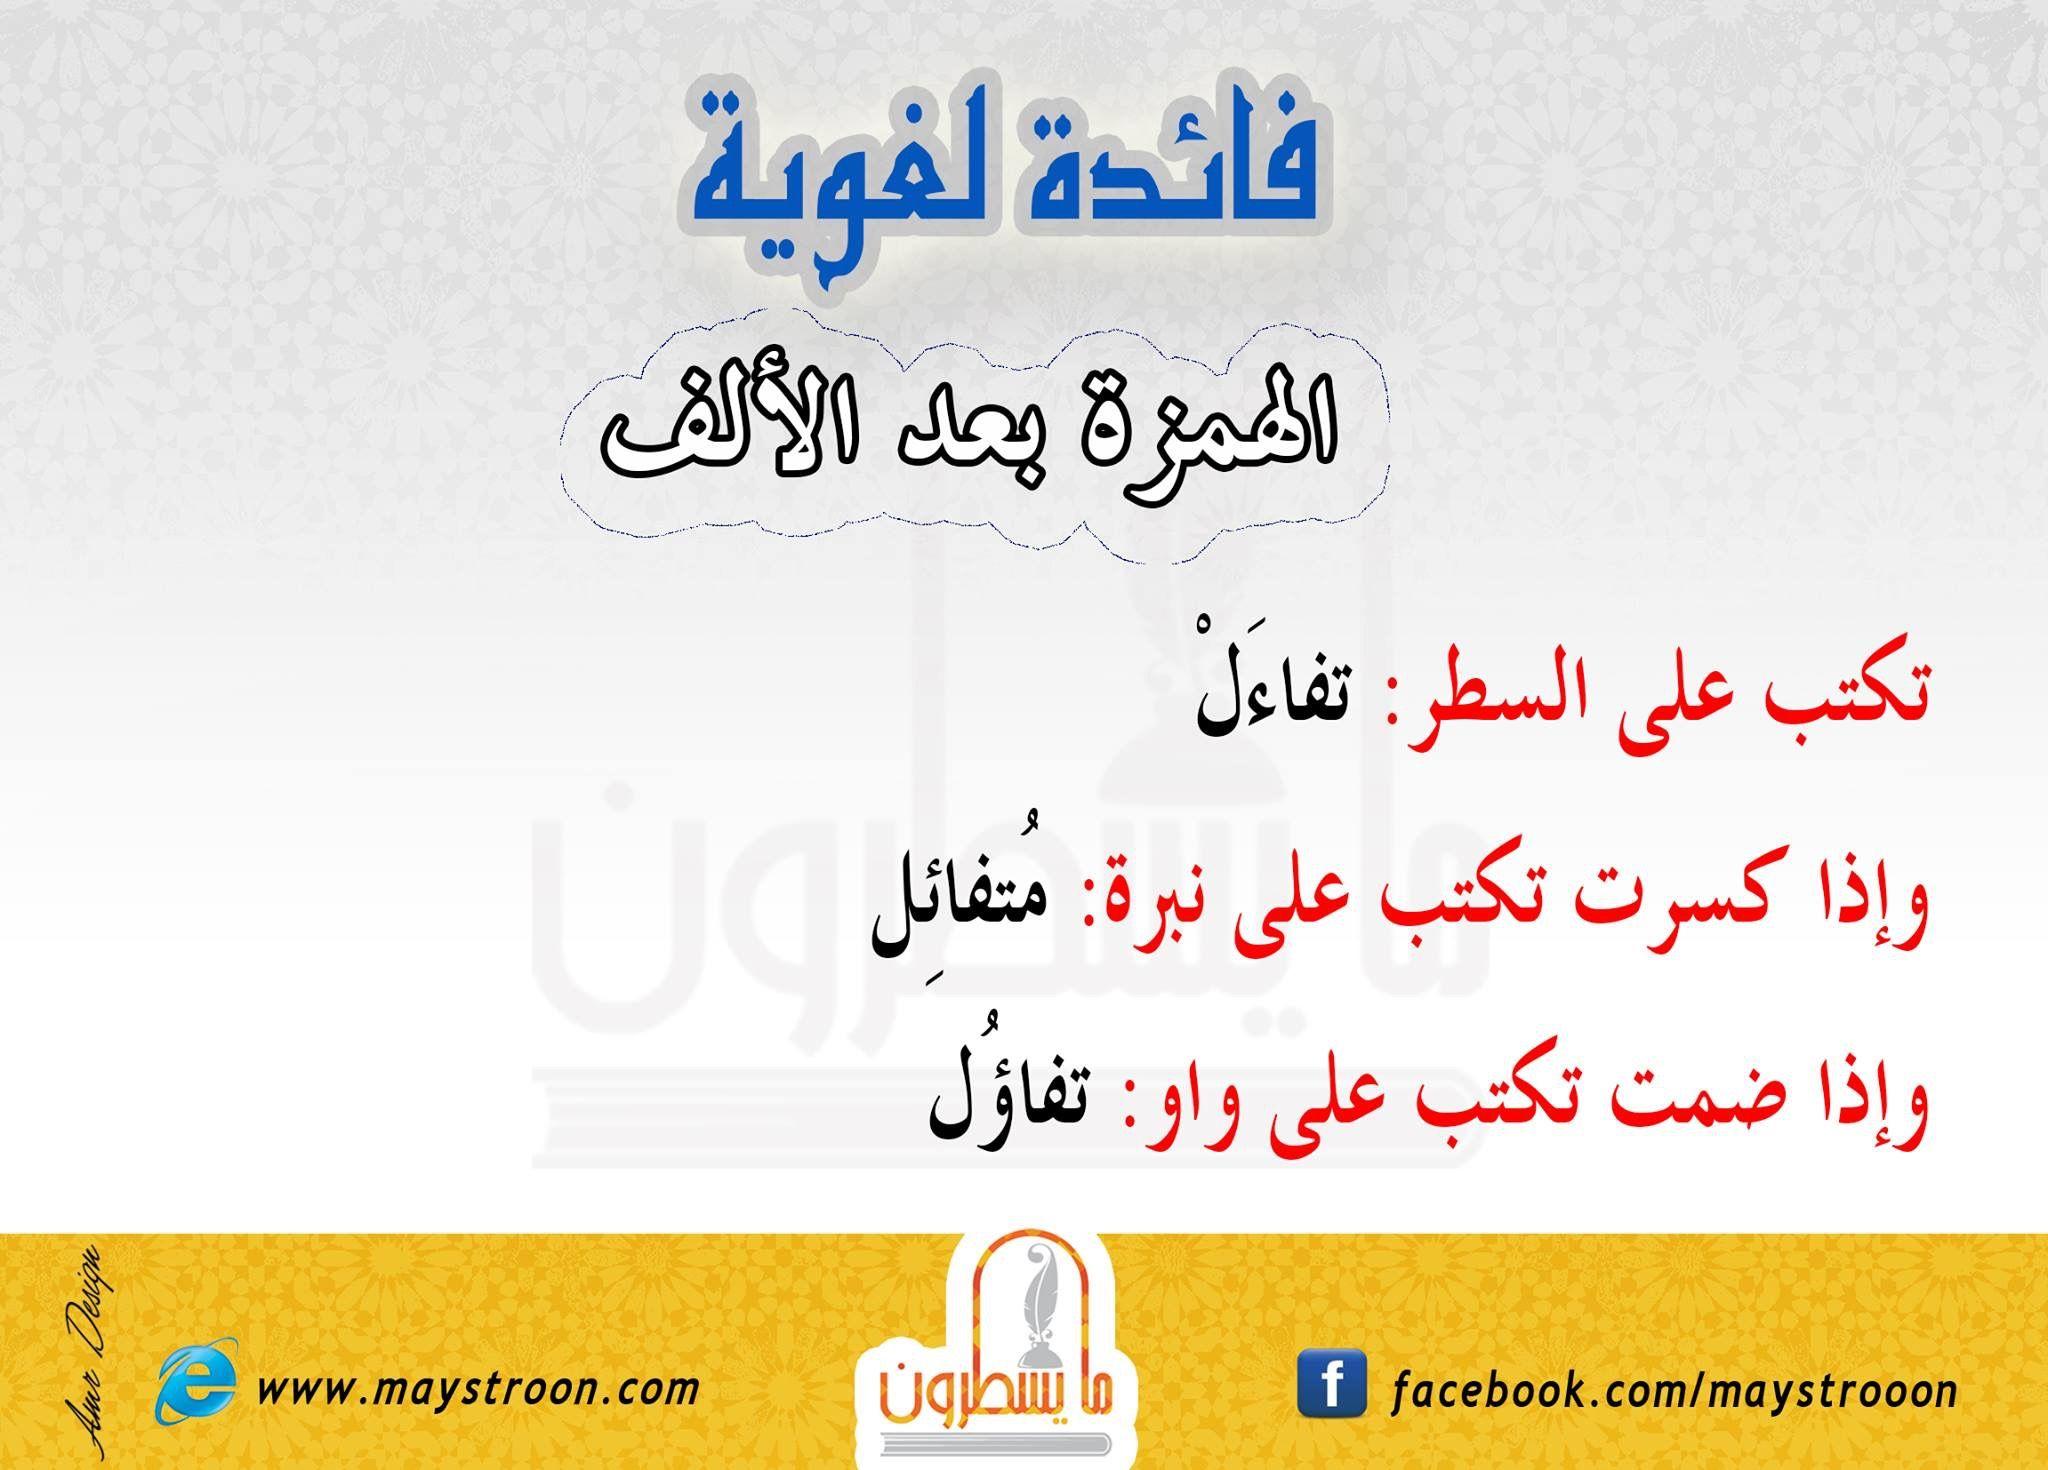 Pin By Soso On فوائد لغوي ة Arabic Langauge Arabic Language Language